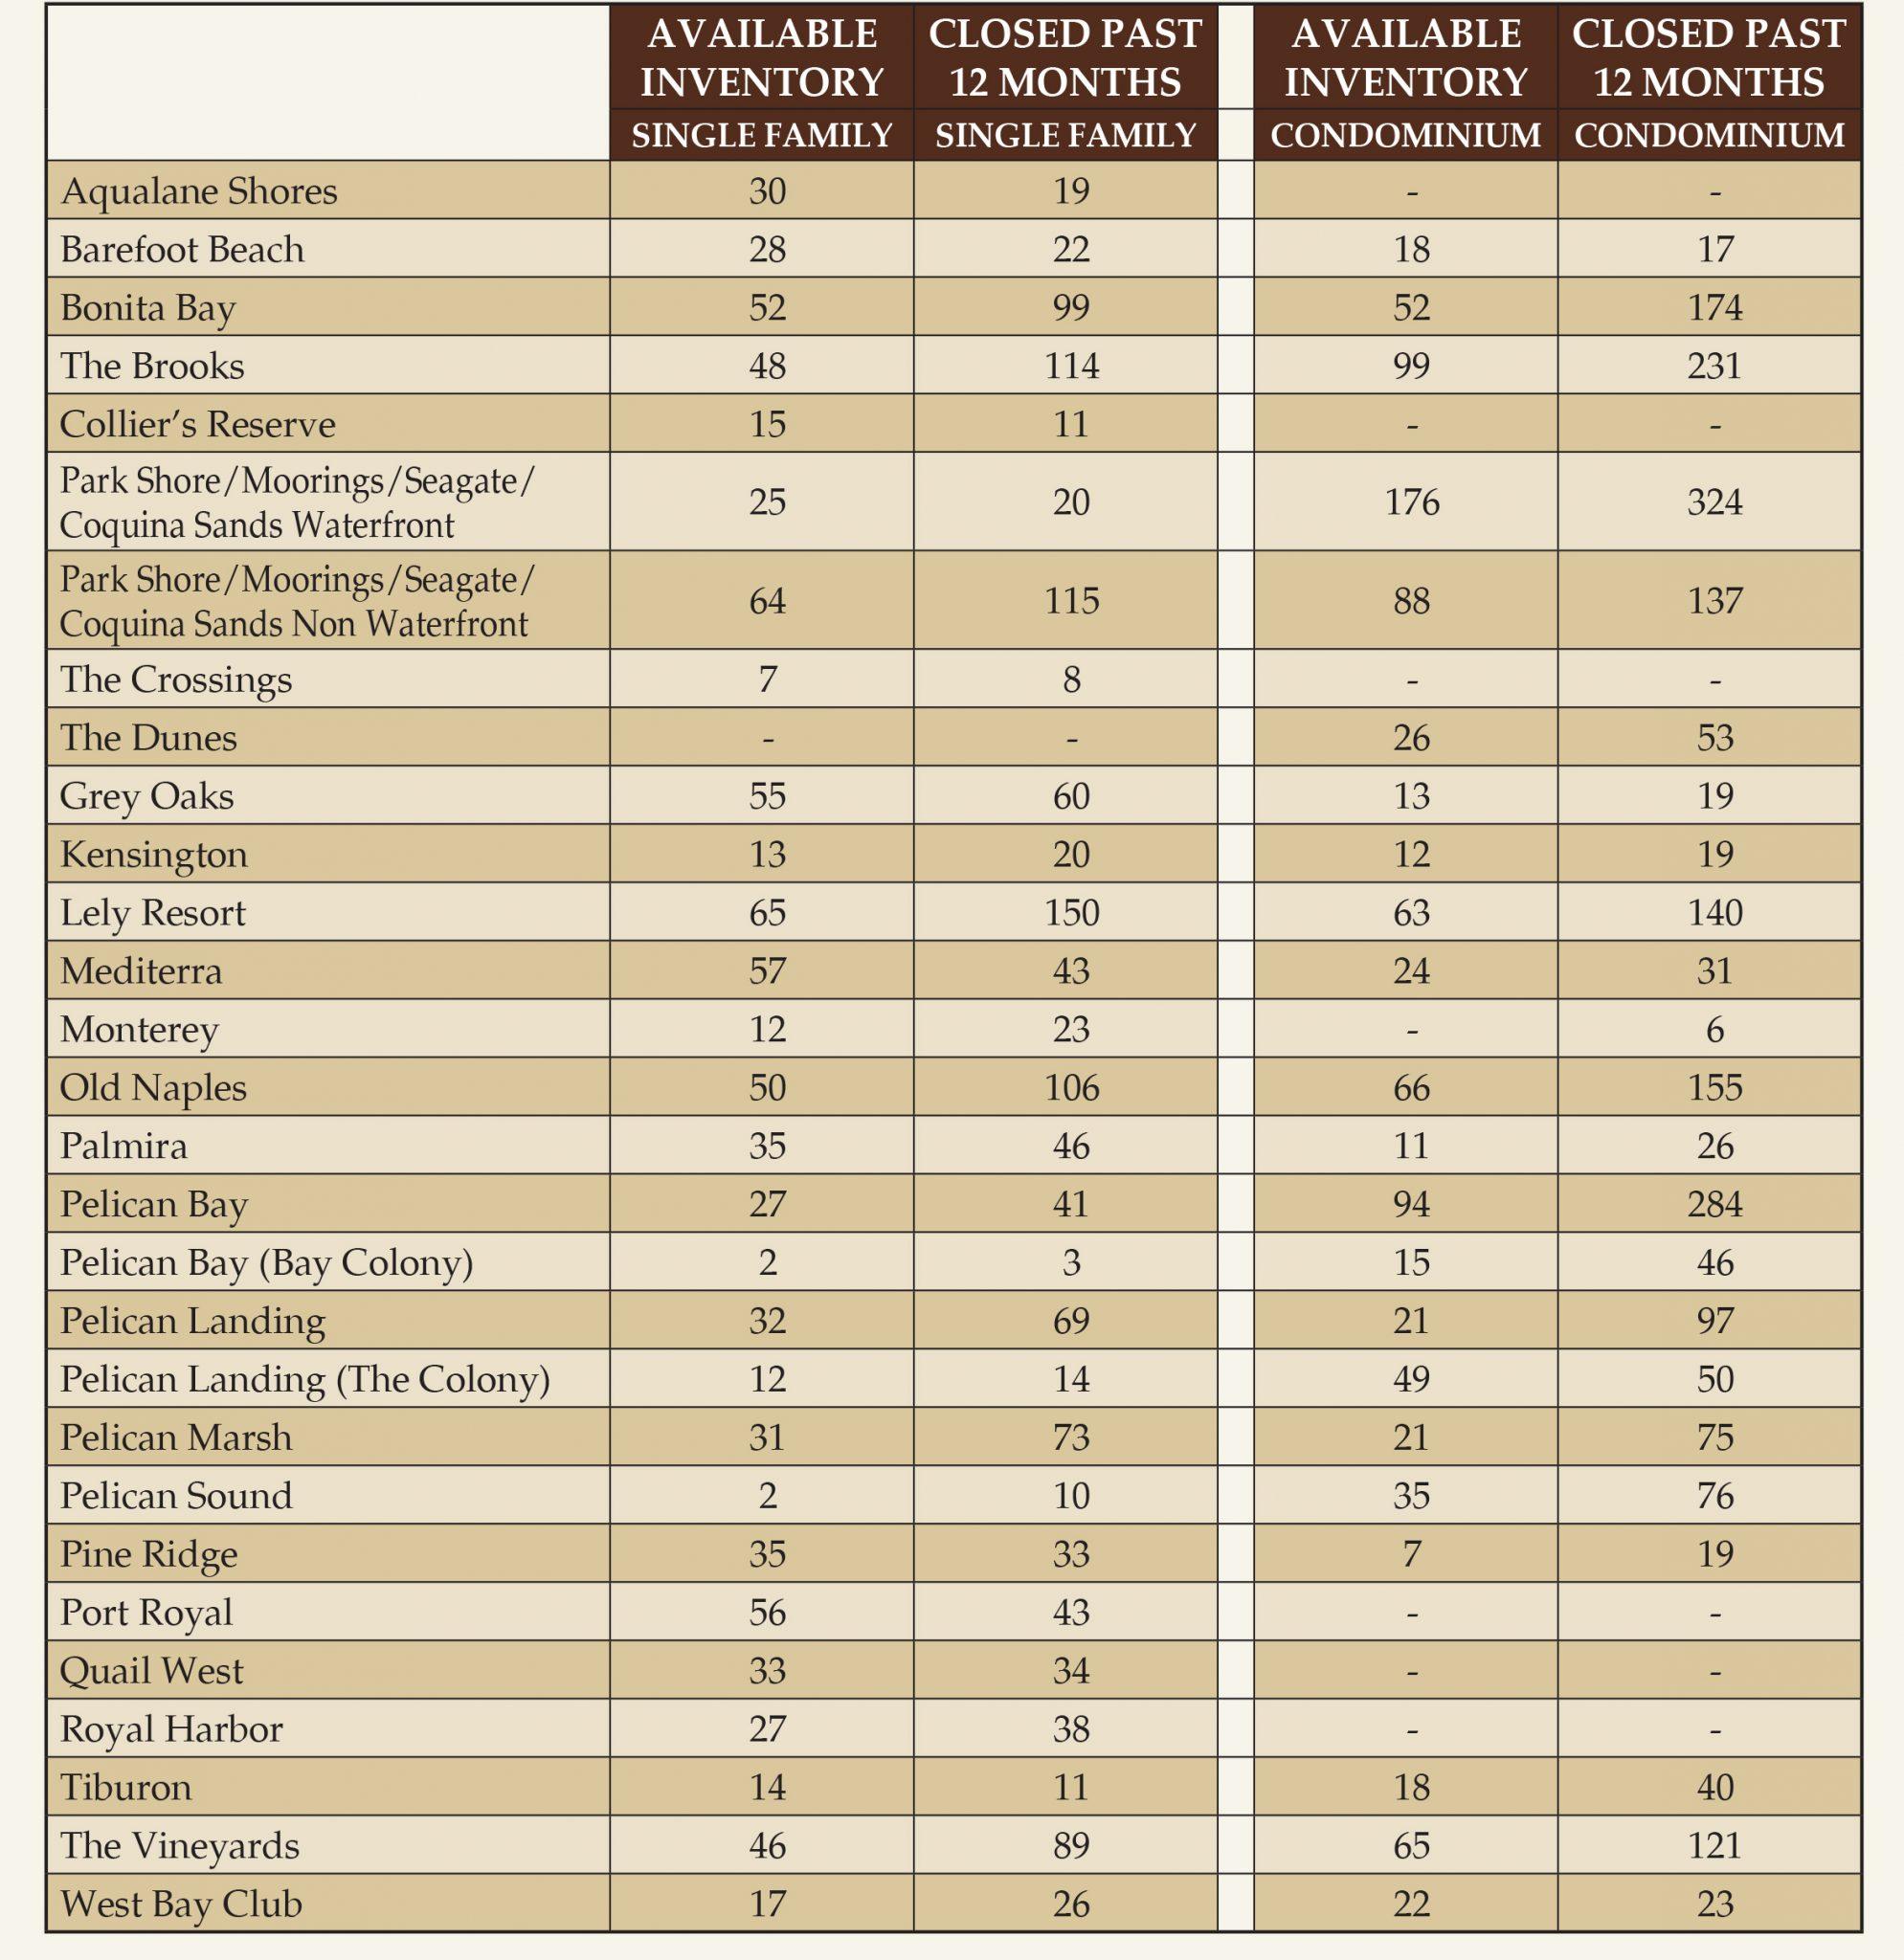 Market Report MAR 2014.indd